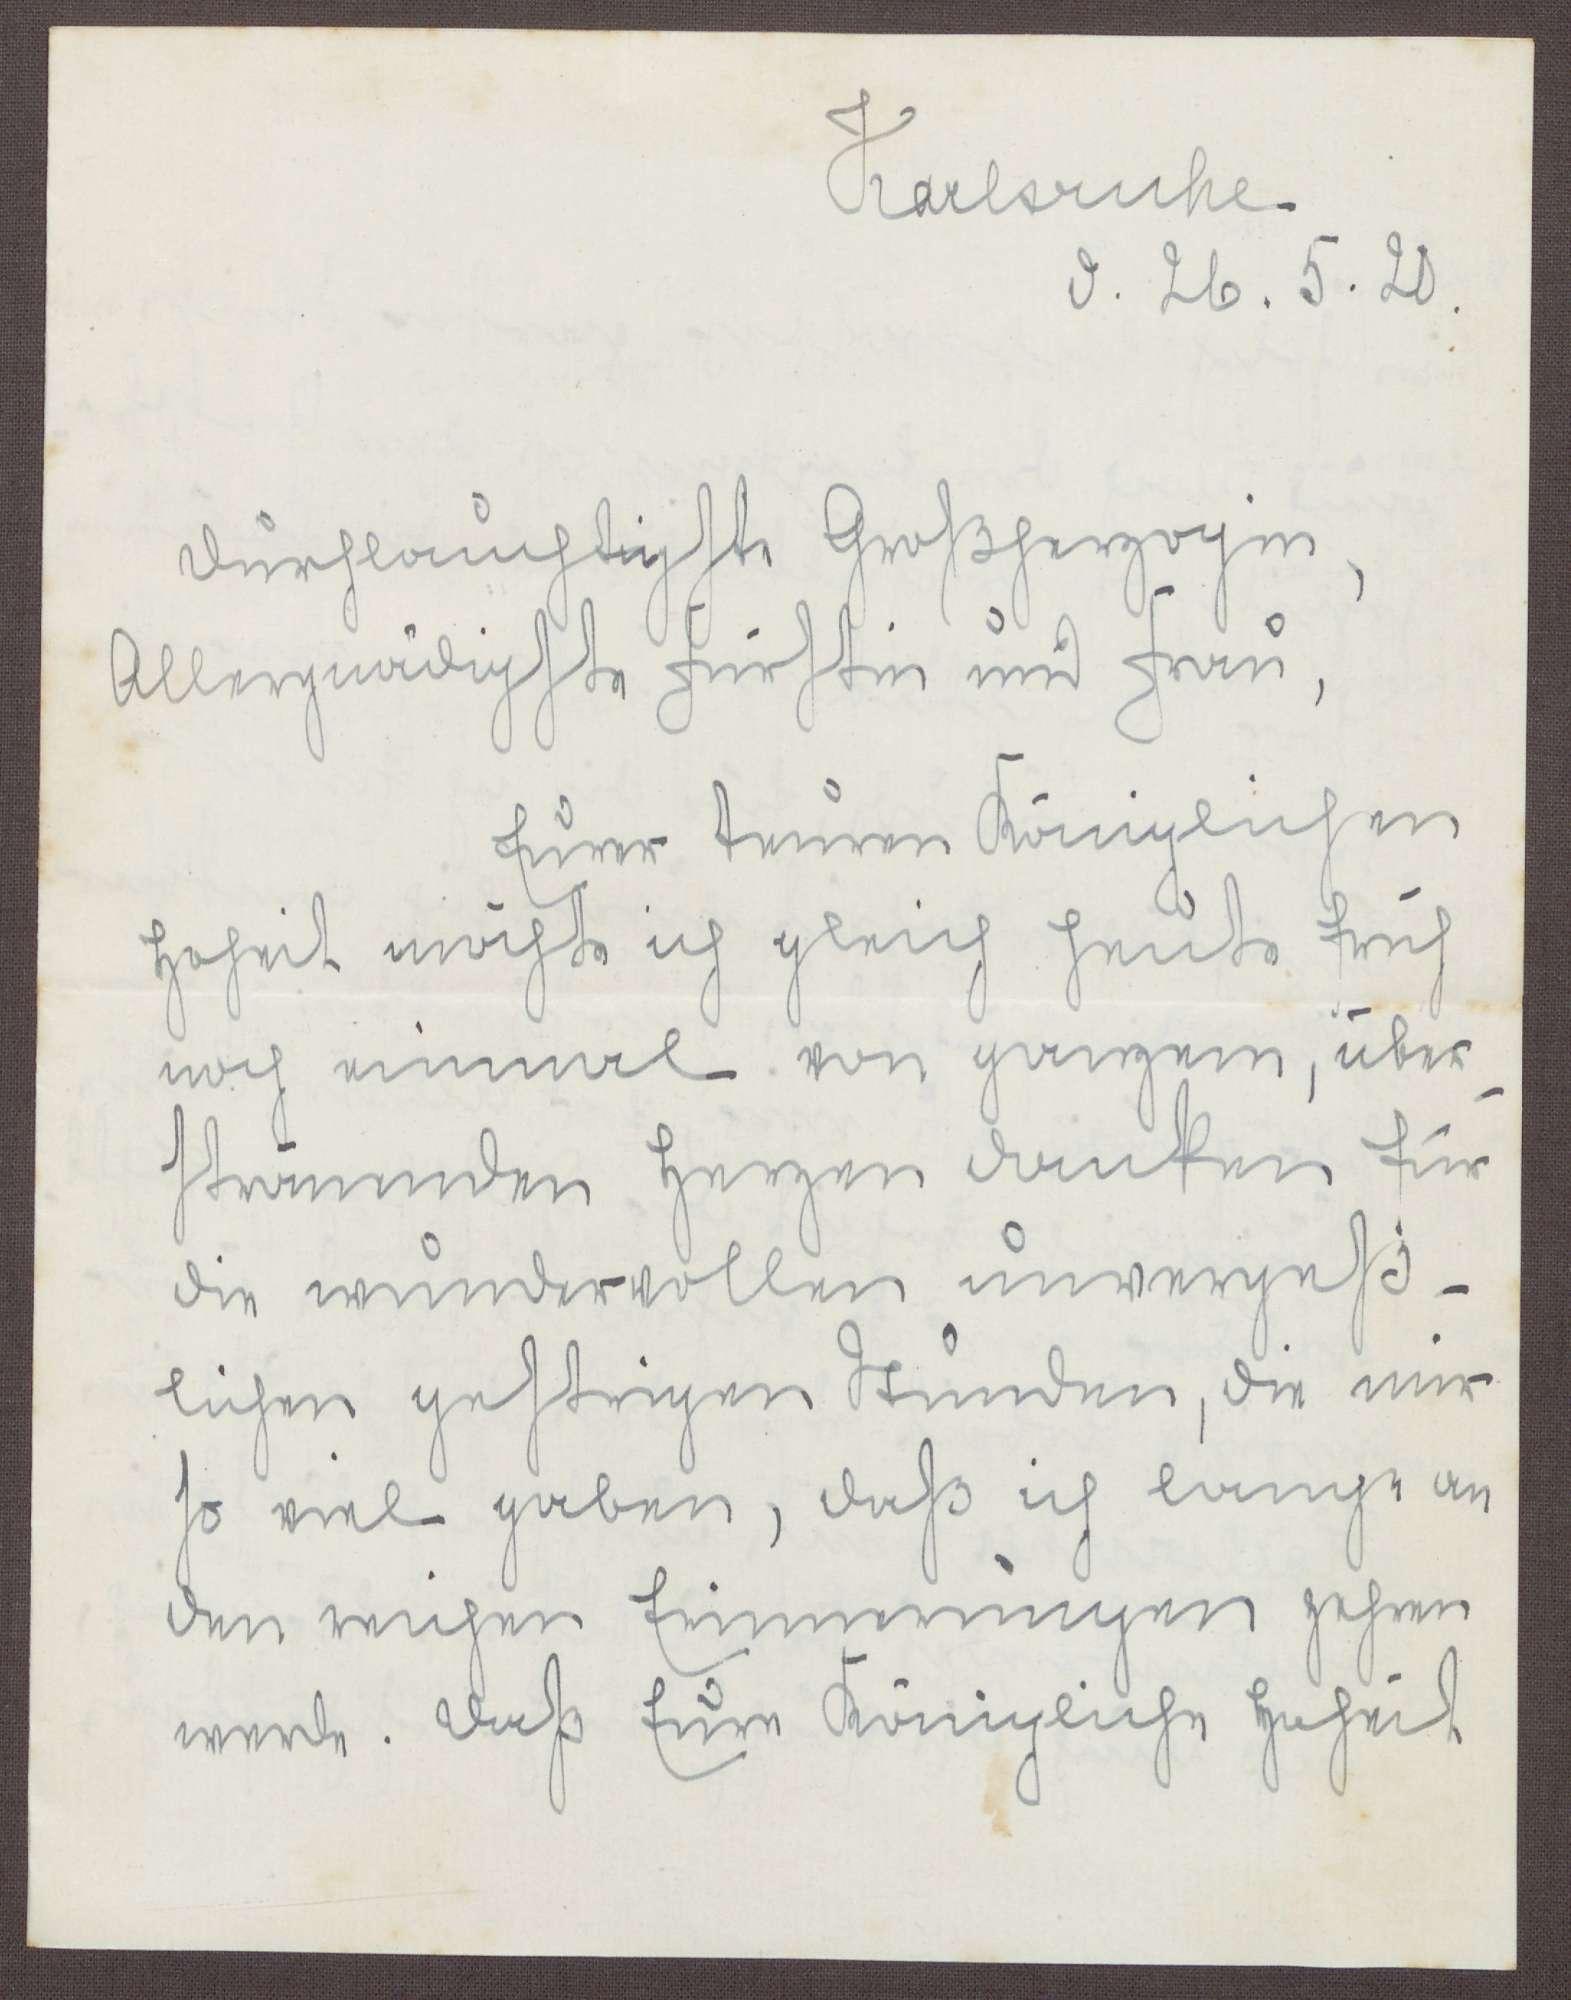 Schreiben von Emilie Göler an die Großherzogin Luise; Treffen mit dem Großherzog Friedrich II., Bild 1